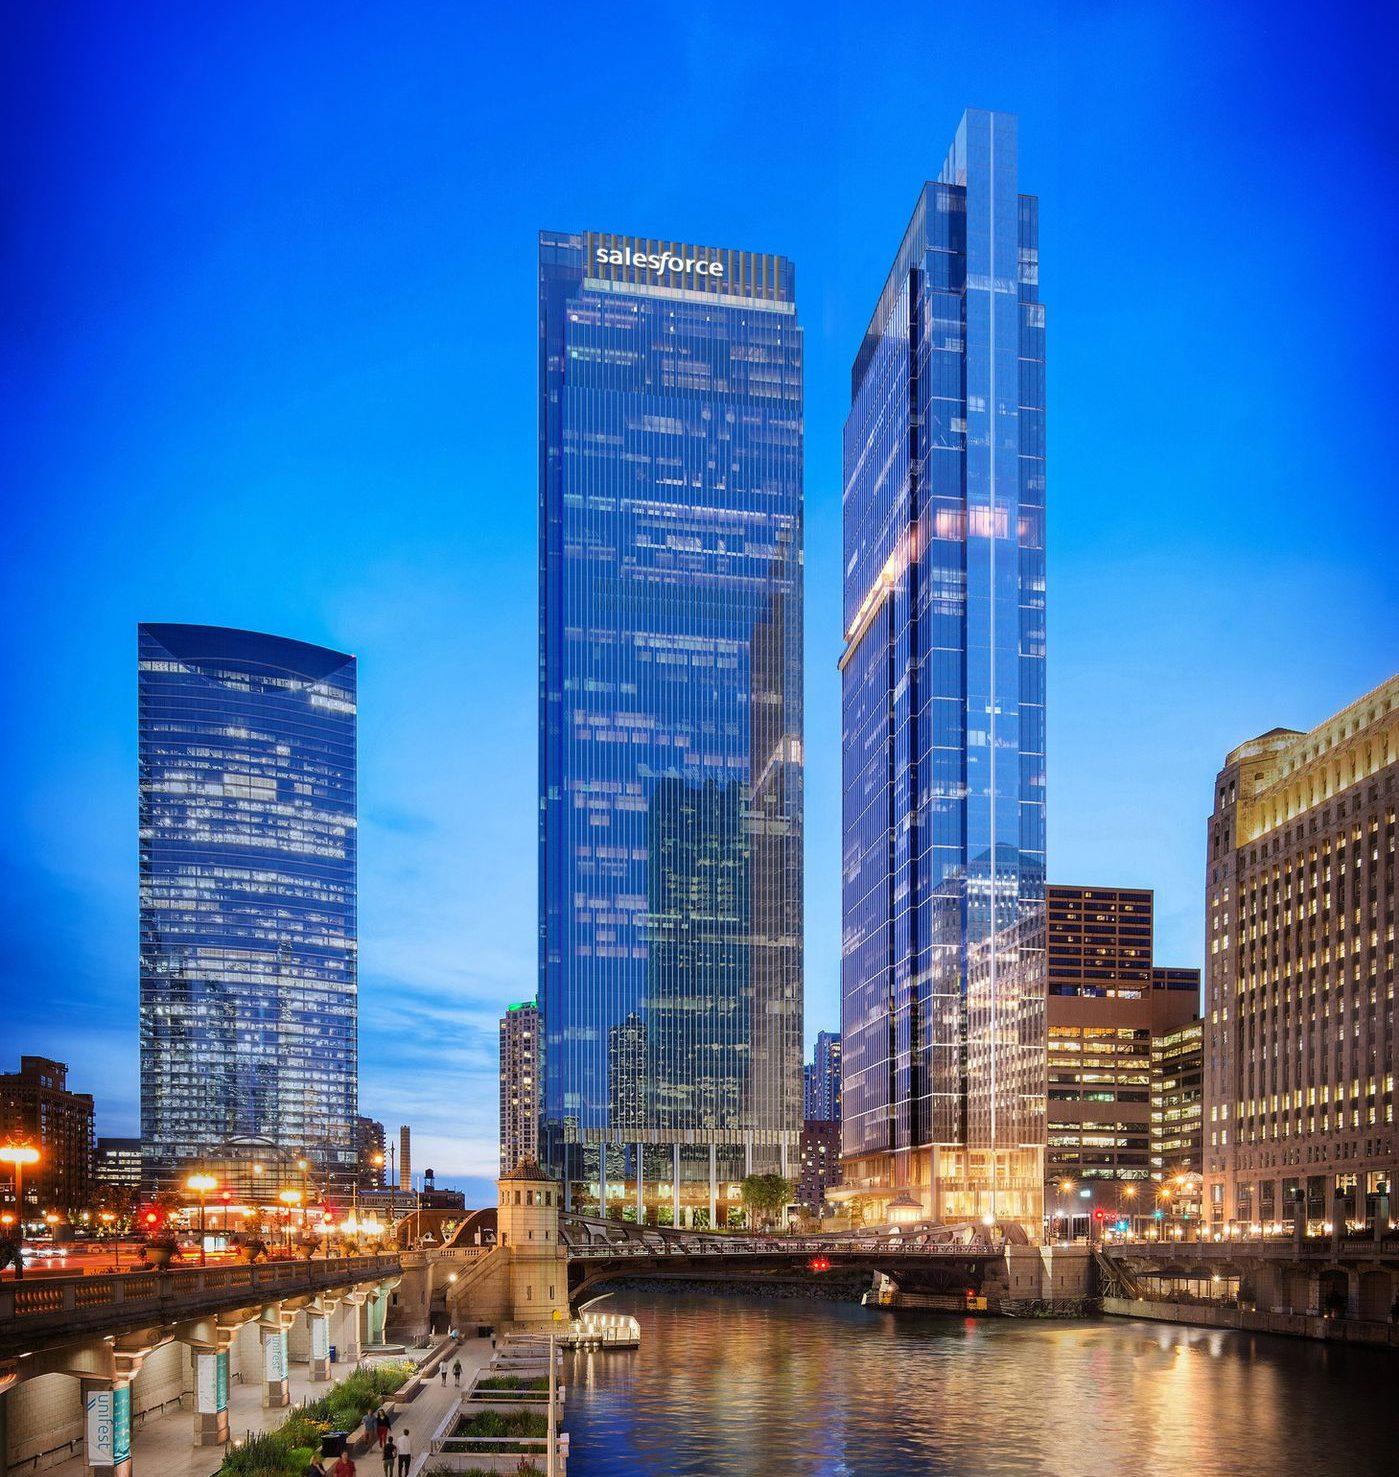 Salesforce Tower Chicago